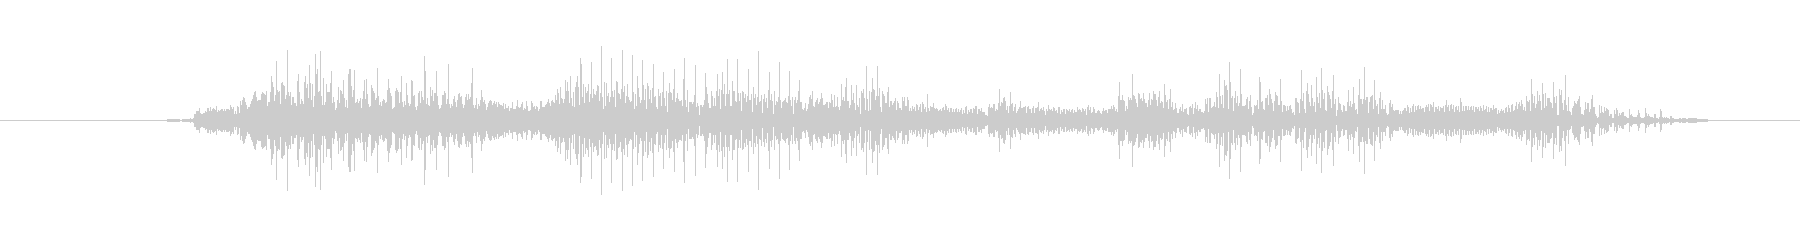 鳴き声 リトルガールスノート08の未再生の波形